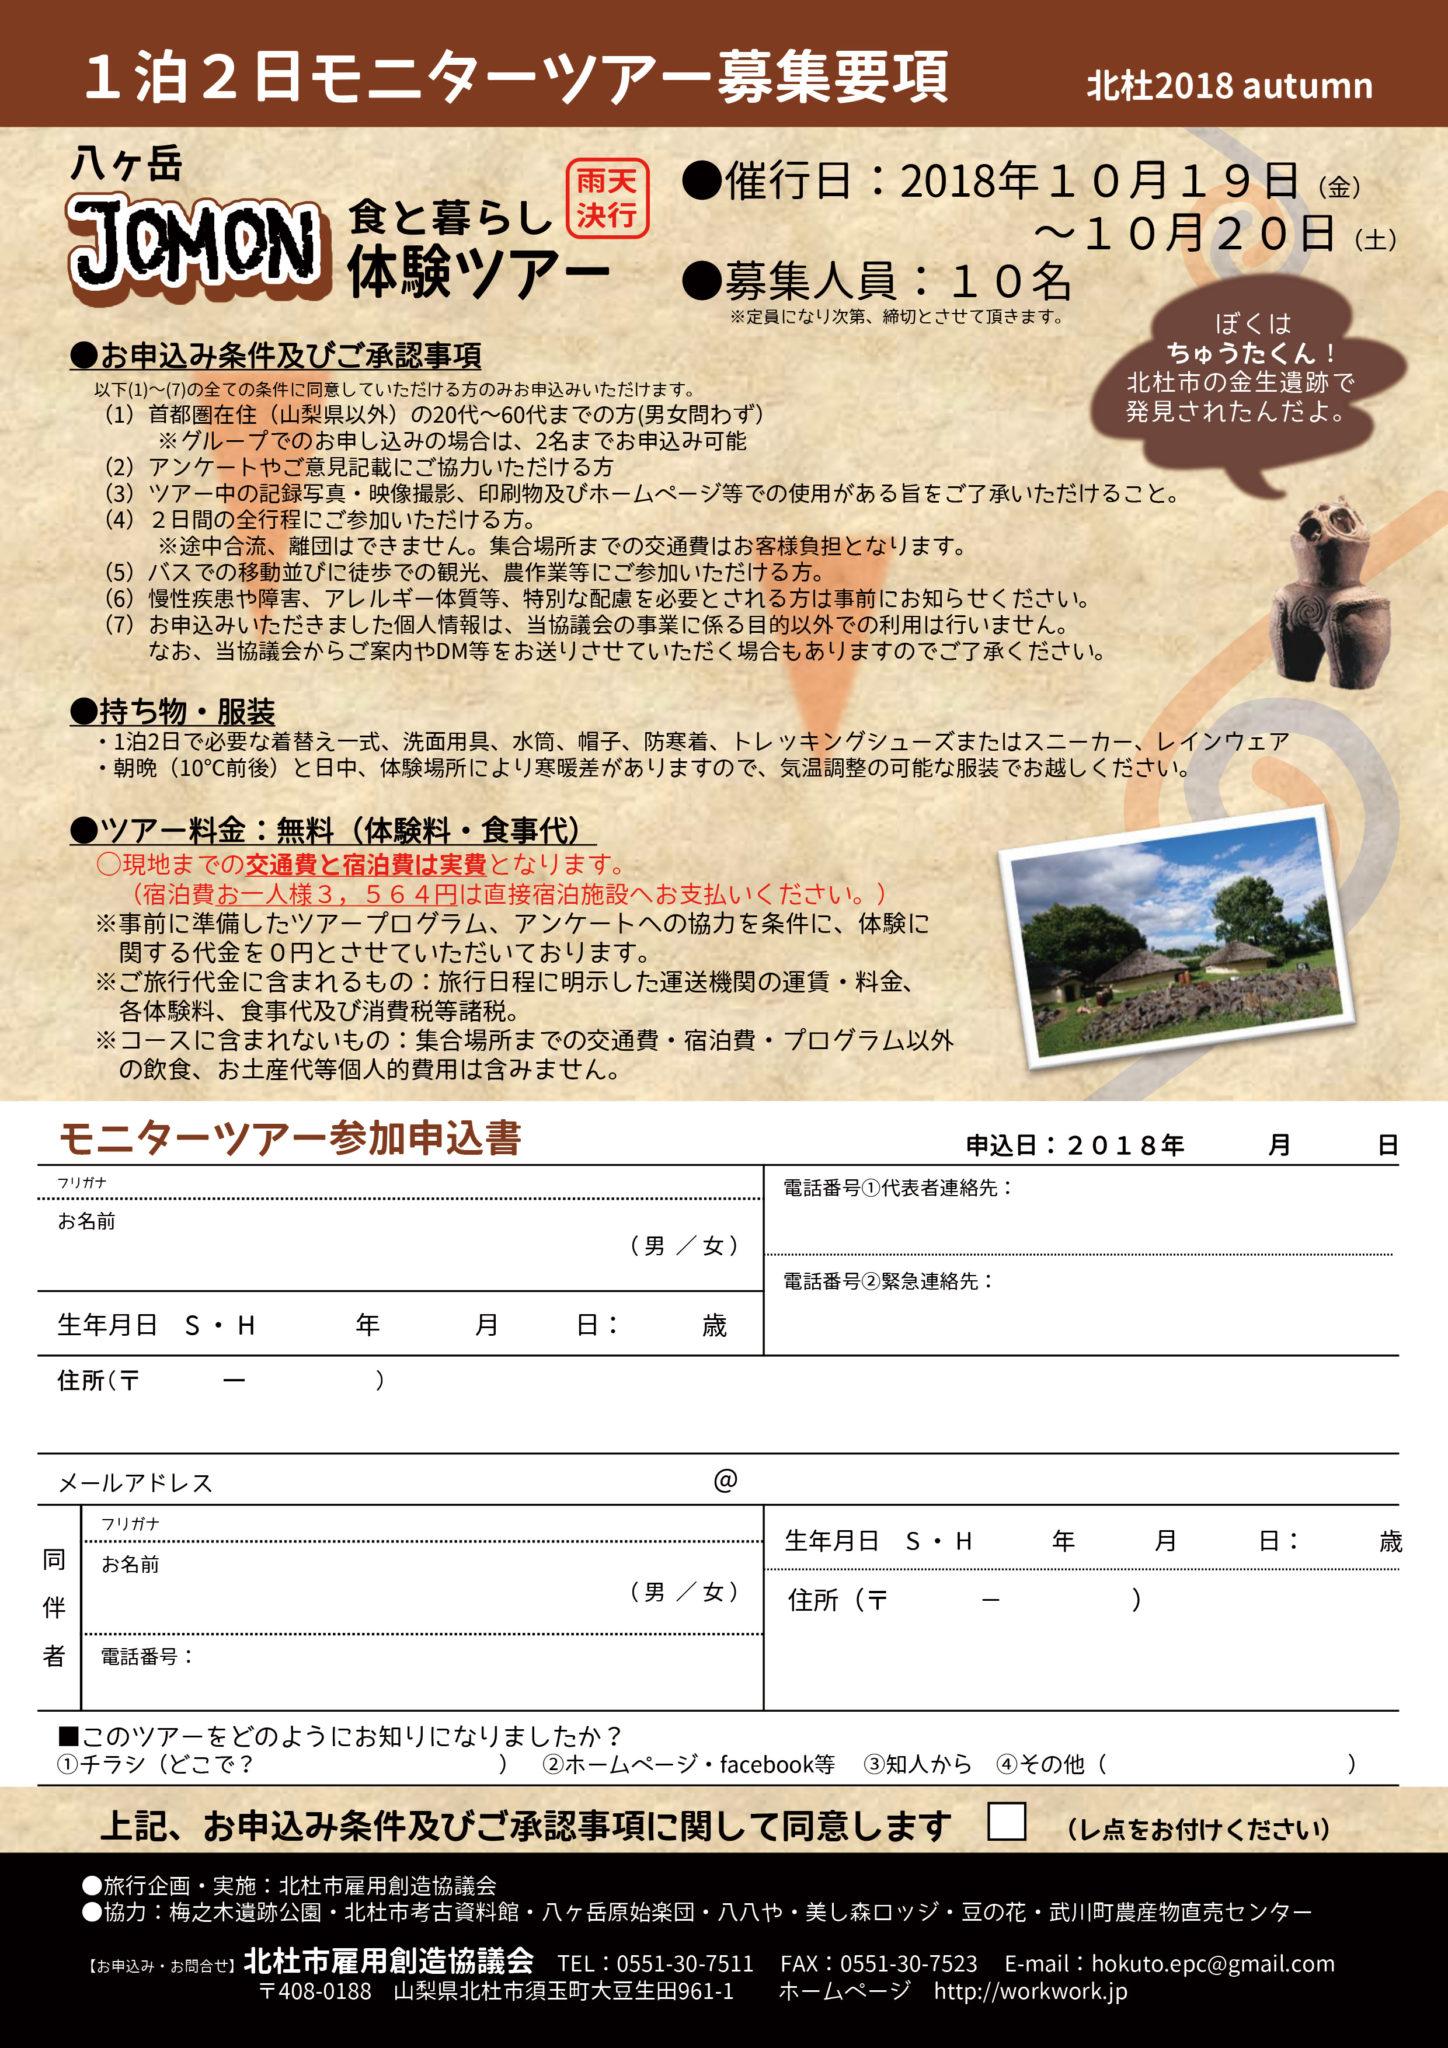 八ヶ岳縄文 食と暮らし体験ツアー 北杜市 イベント 2